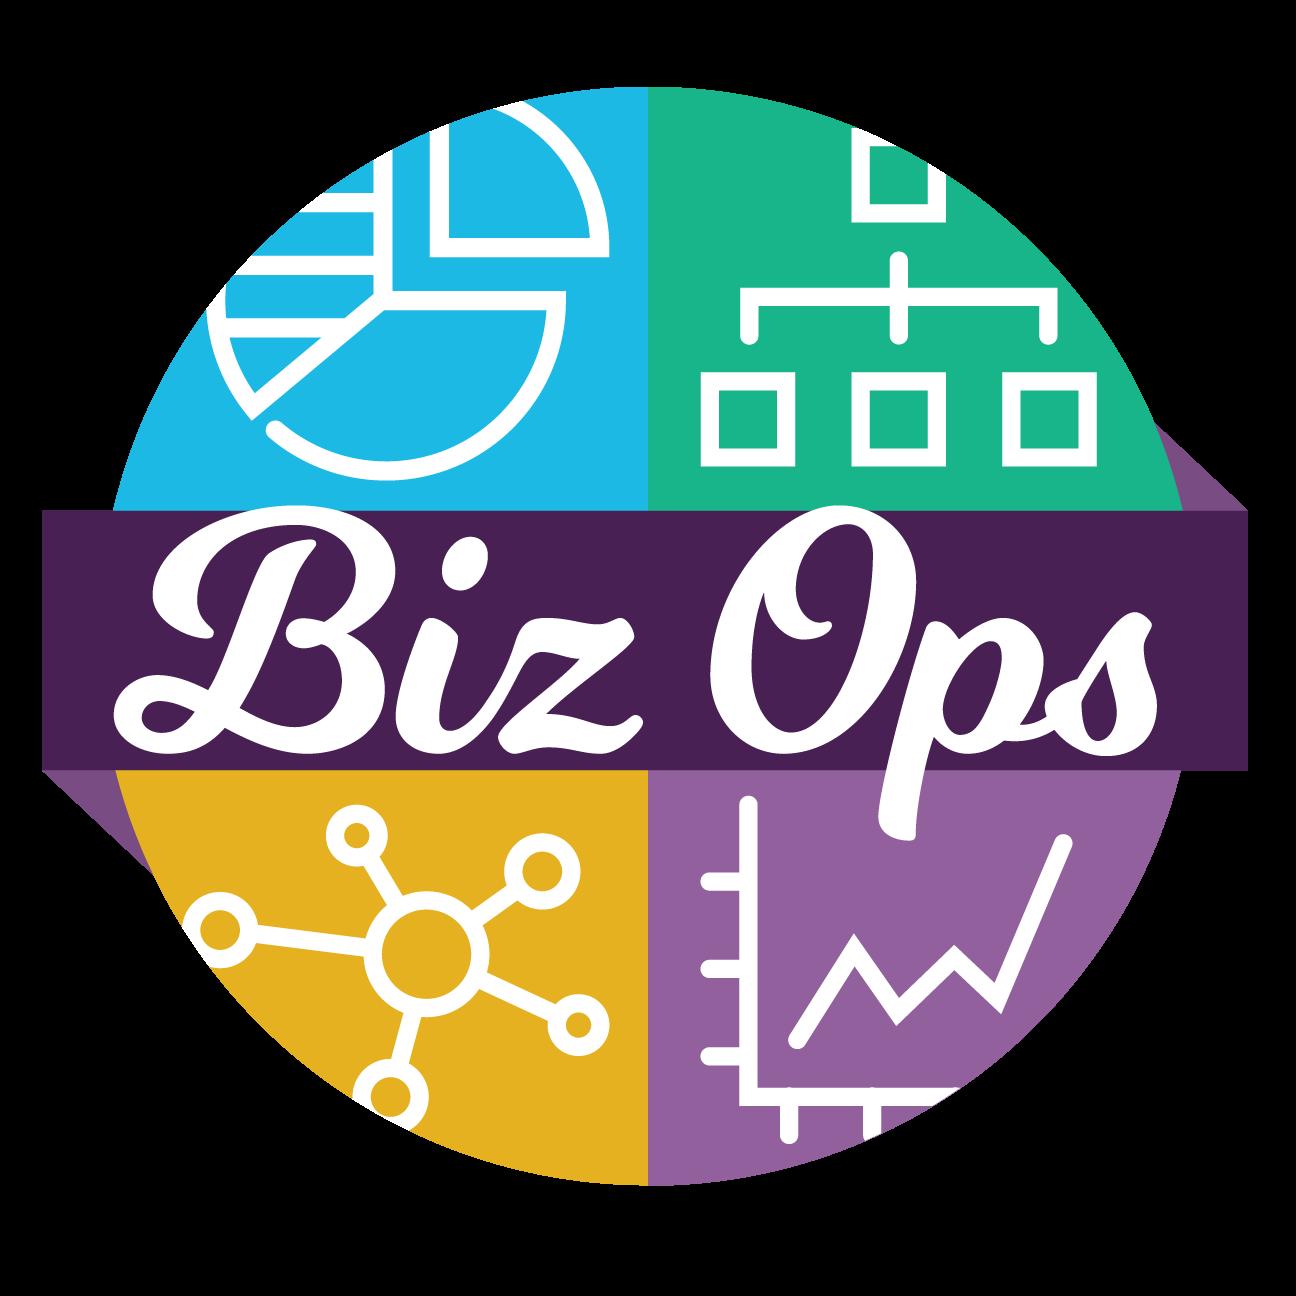 BizOps_Sticker_Final_TransparentPNG_V1.png